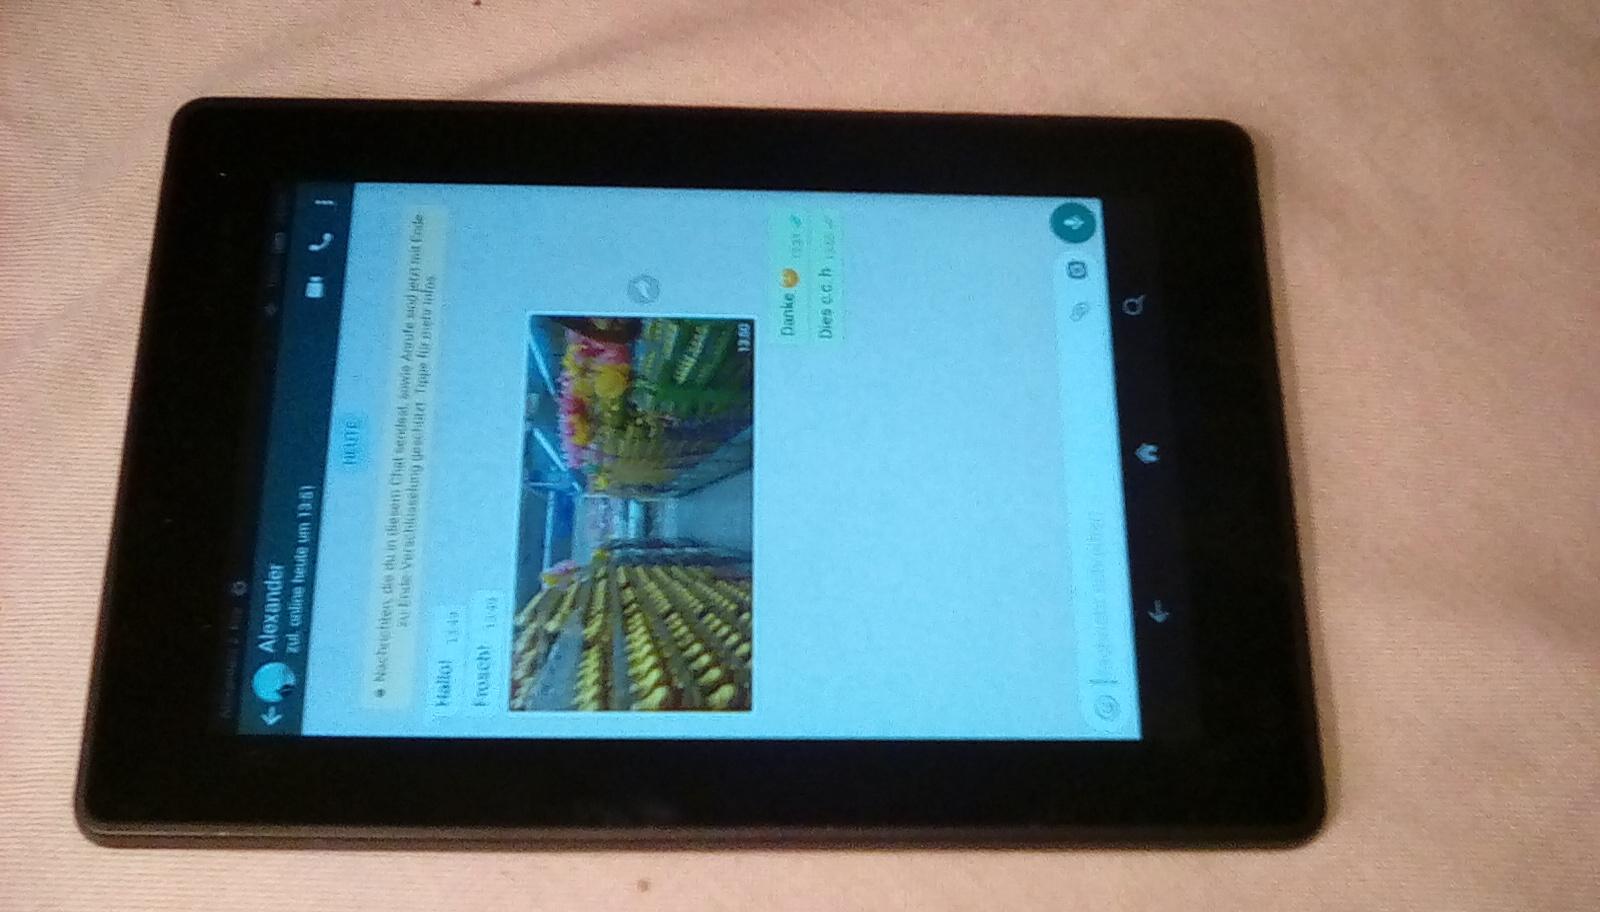 Whatsapp Fire Tablet